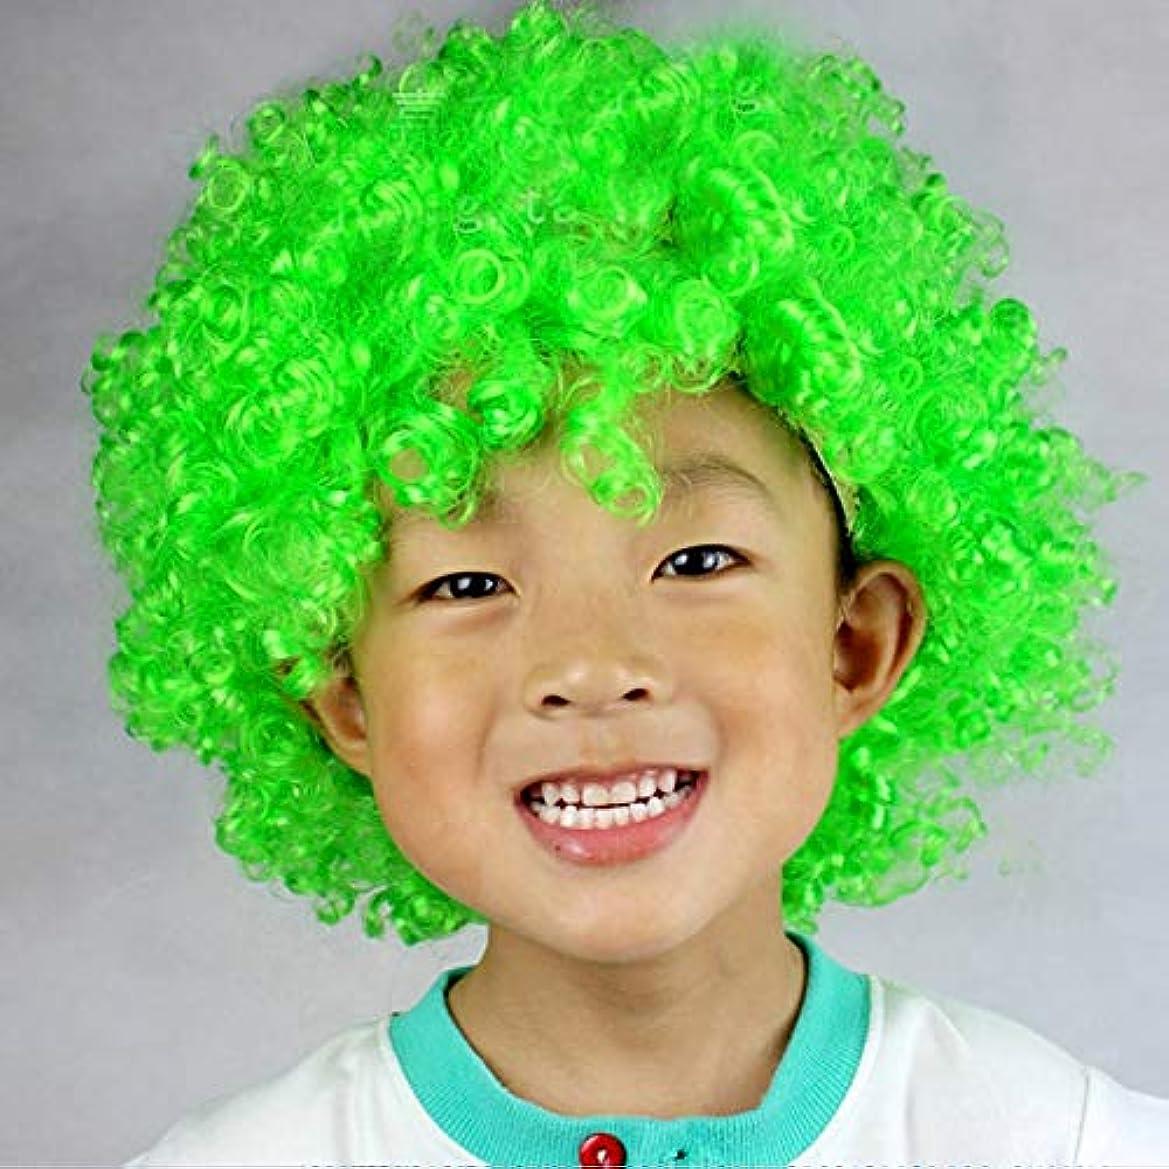 神秘全能細分化するコスプレウィッグ カラフルなワイルドカールアップクラウンパーティーコスプレヘッドウェア波打った短いポリエステル糸大人と子供のためのかつらを作った (色 : Green)